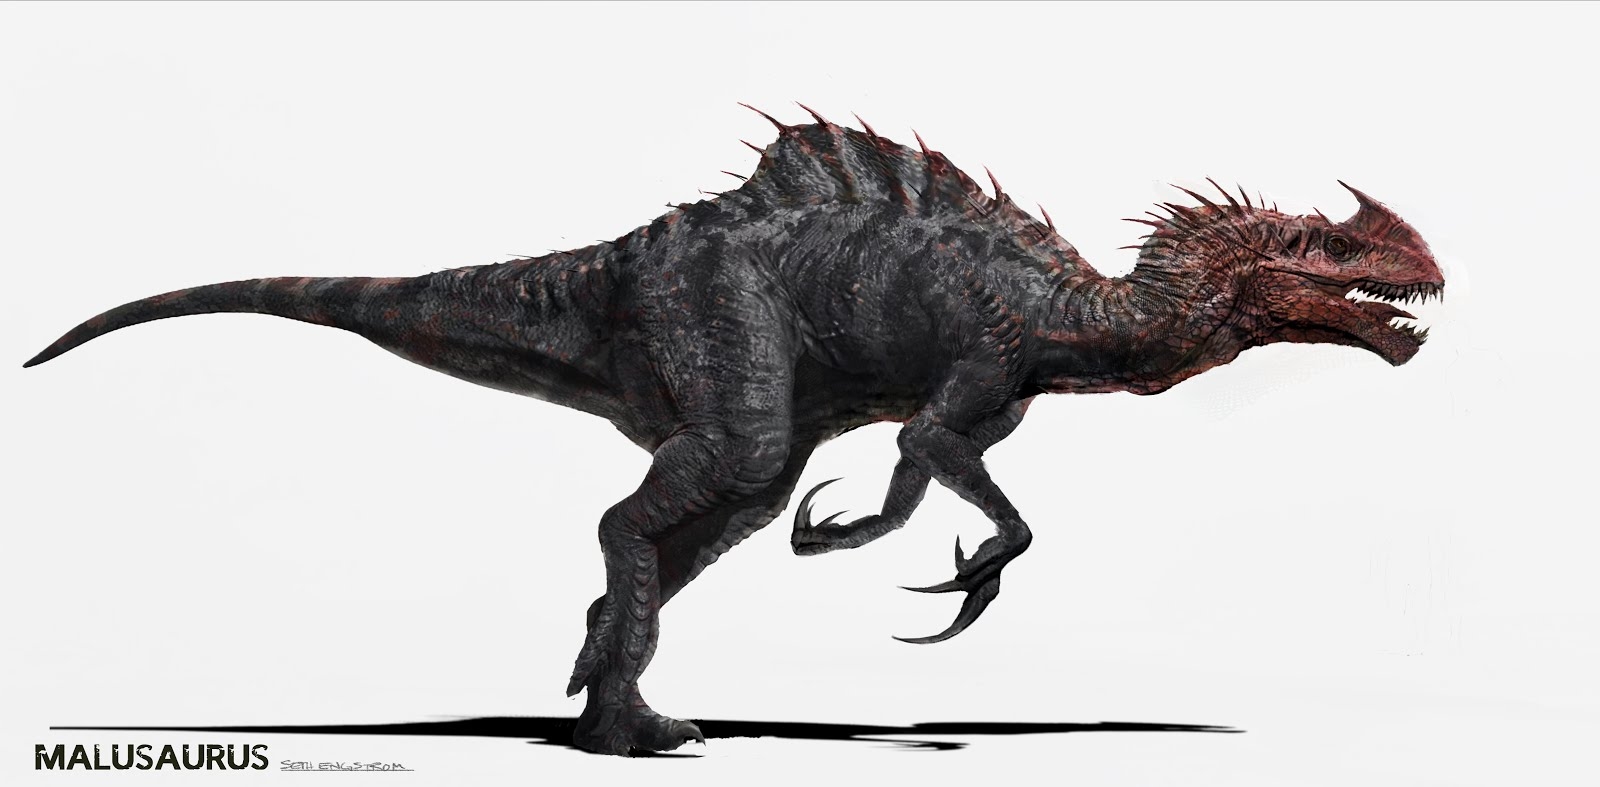 Jurassic world news france jurassic world de nouveaux - Dinosaure jurassic world ...